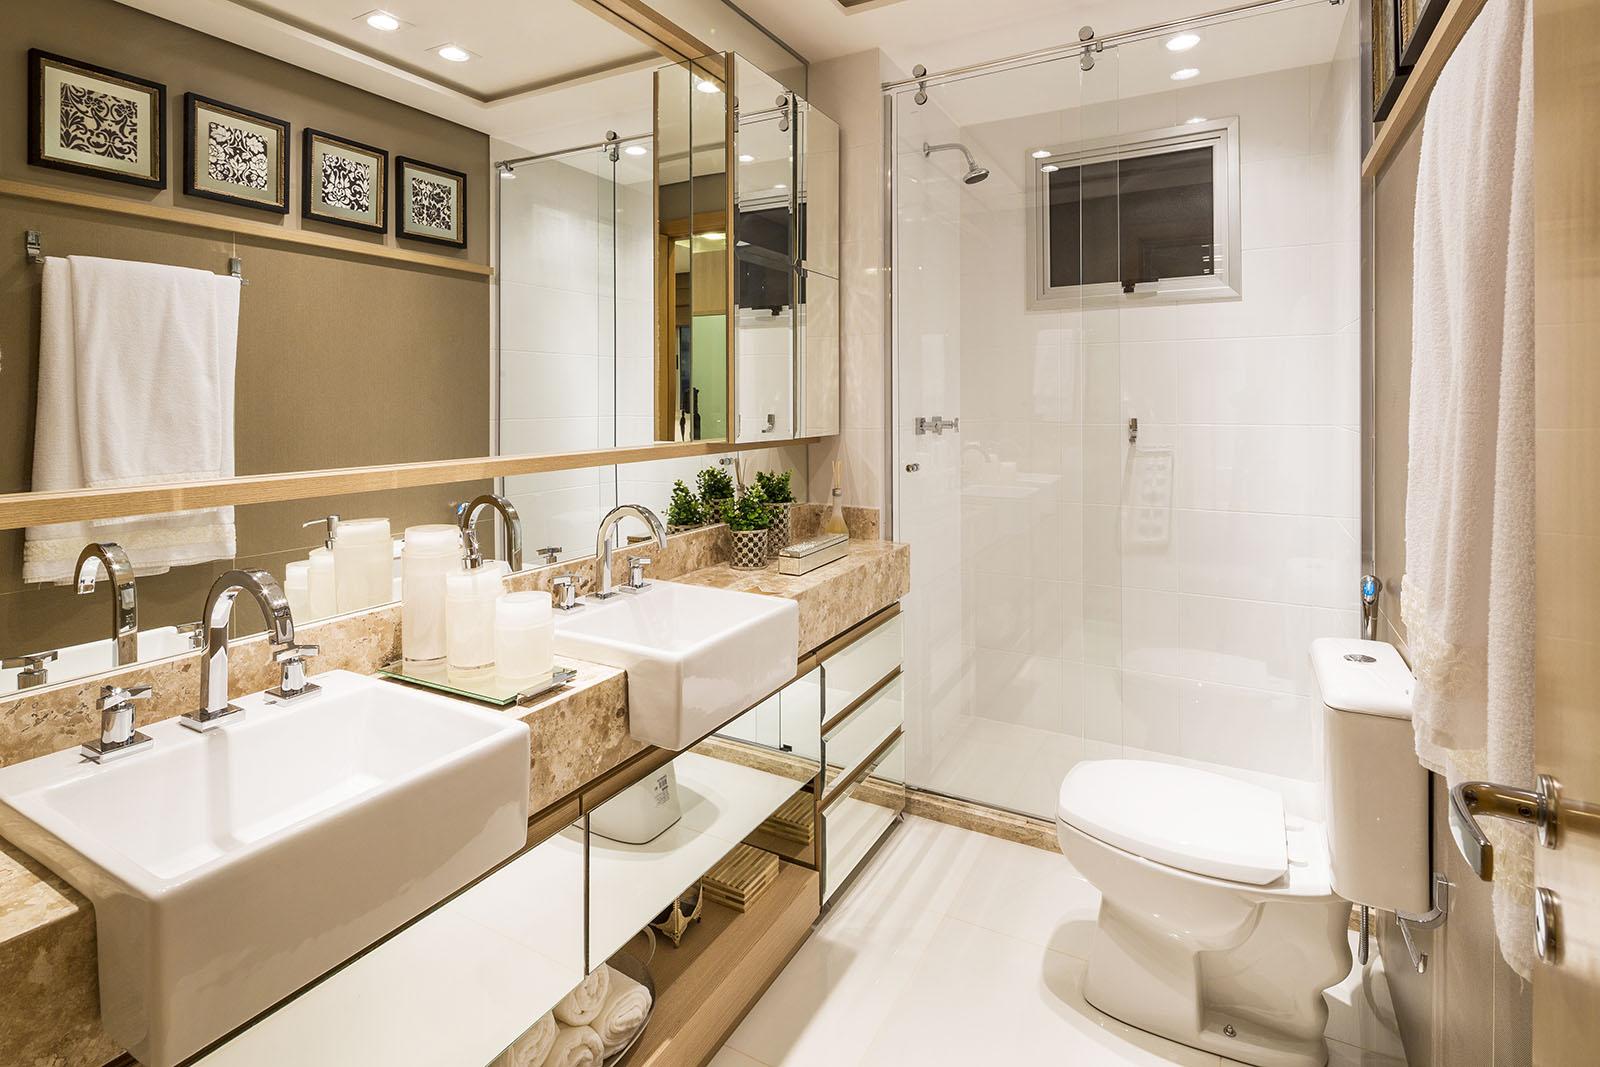 Construindo Minha Casa Clean 10 Banheiros Modernos com Armários Espelhados!  -> Banheiro Decorado Ap